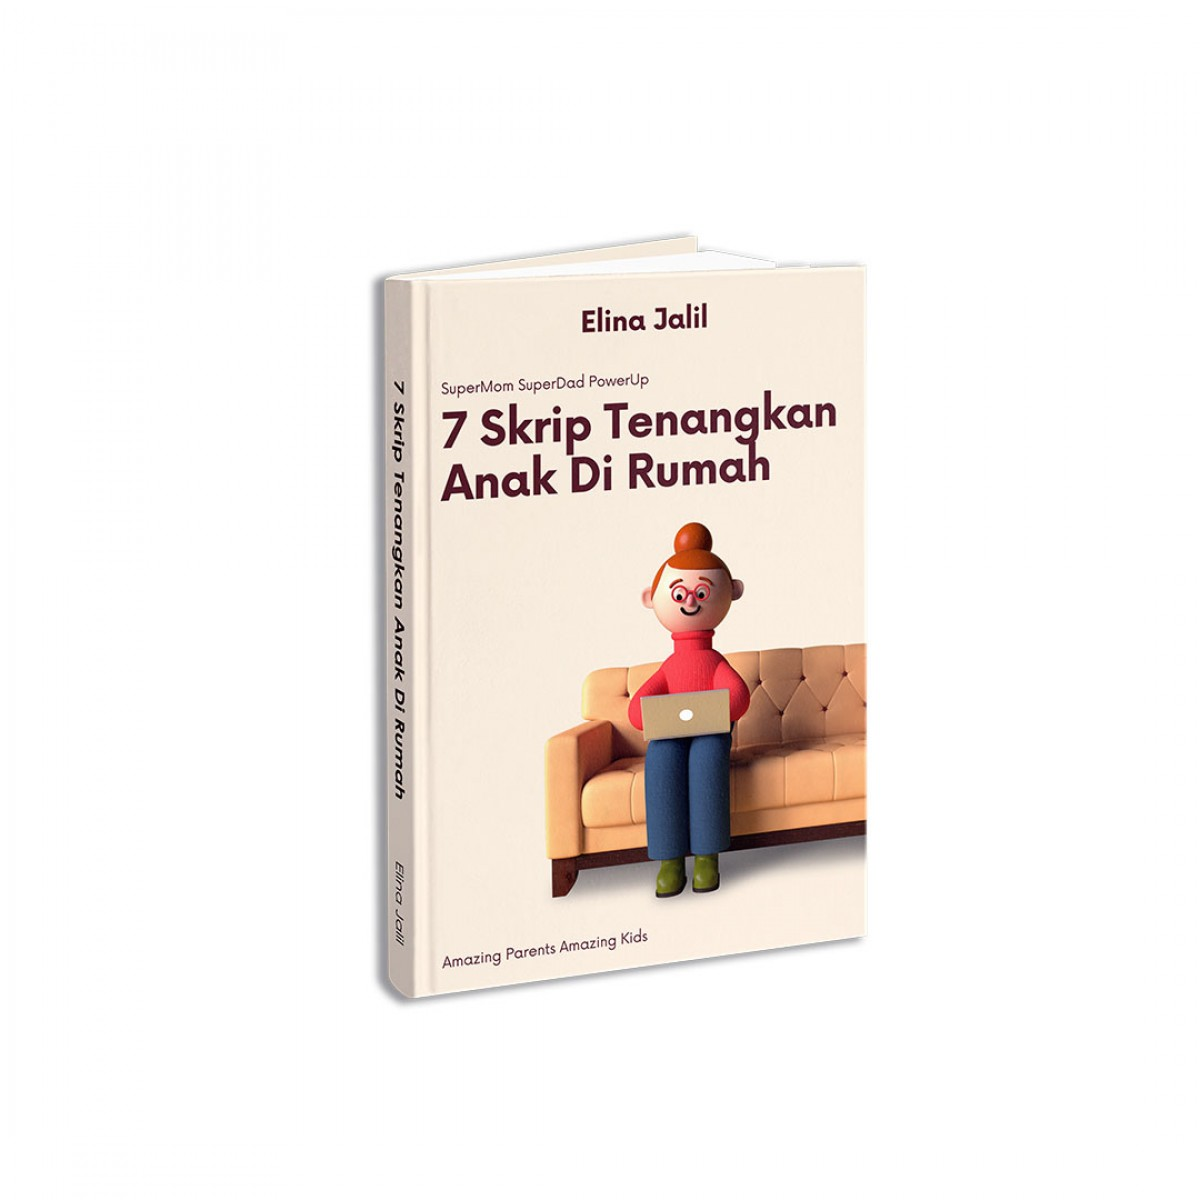 7 Skrip Tenangkan Anak di Rumah - MGOS.shop